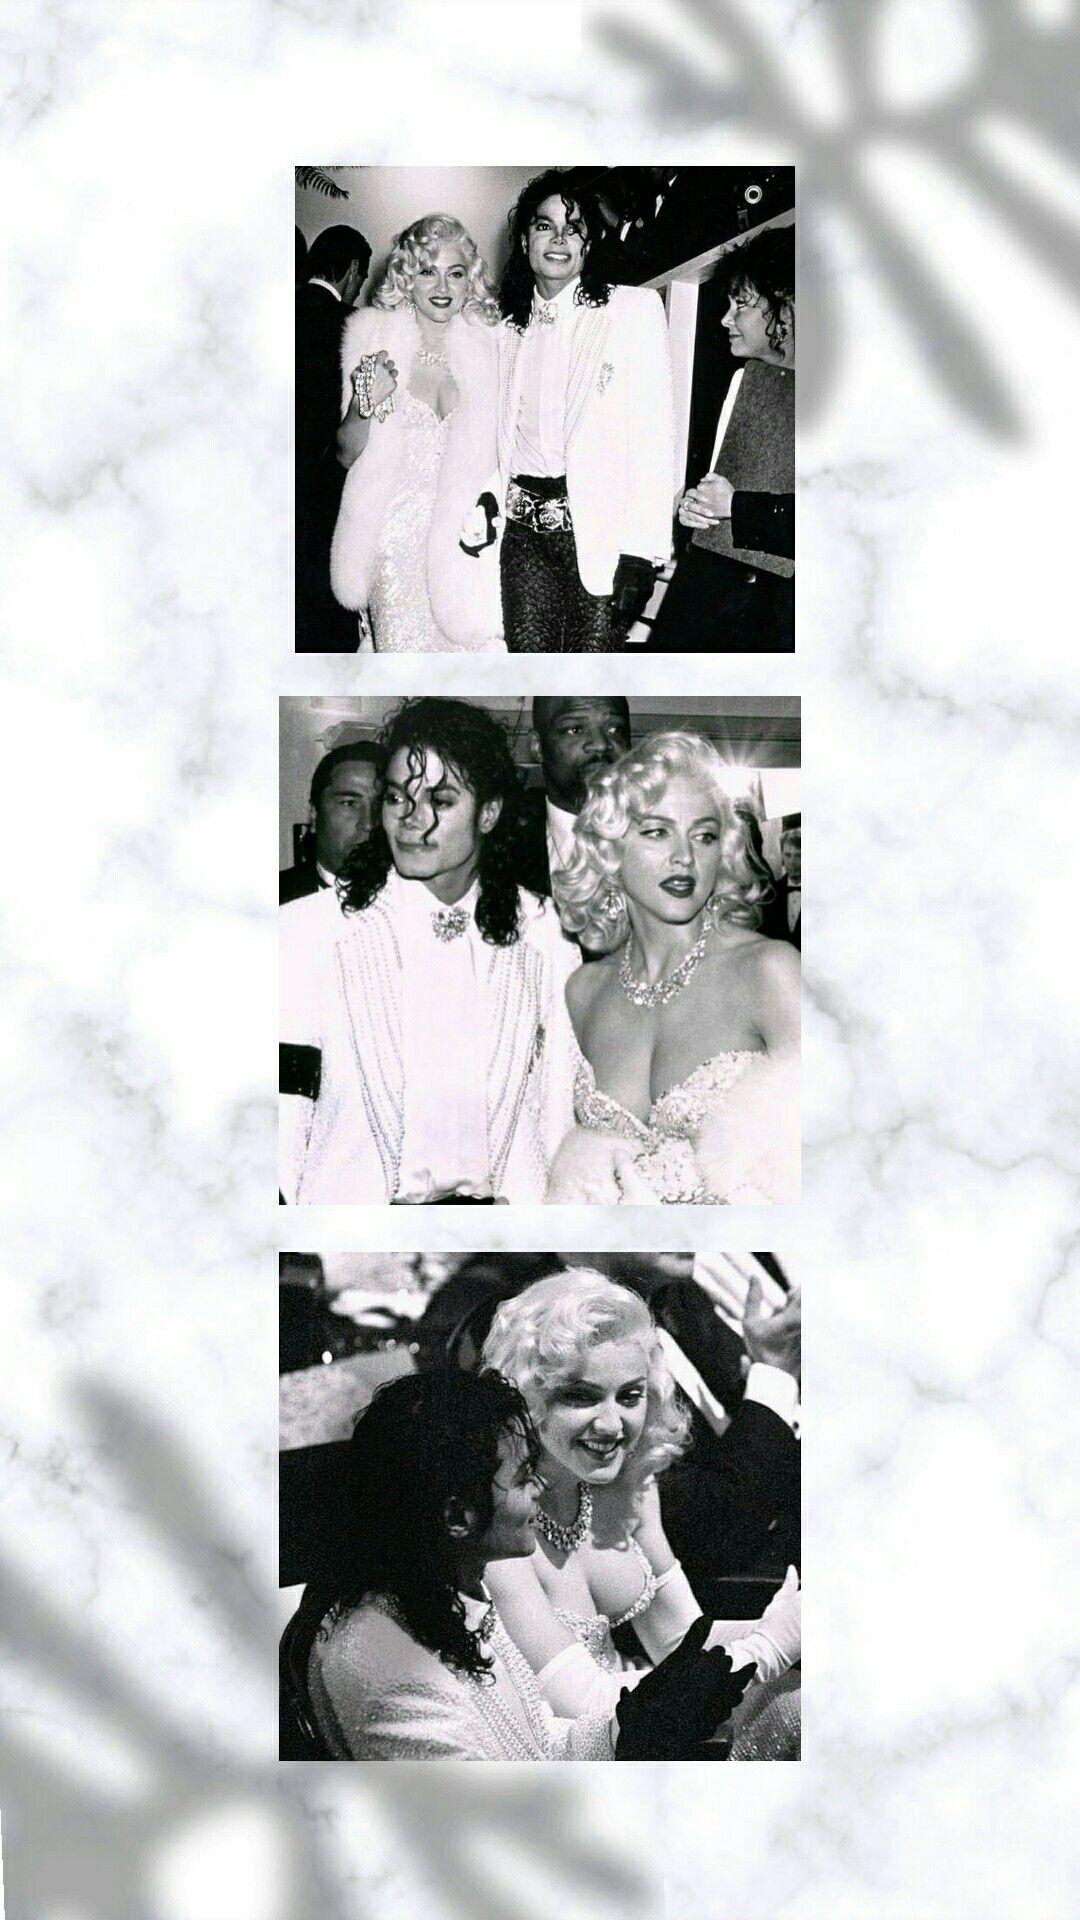 Pin By Rᴏsᴀʟɪɴᴀ Aɴᴅʀᴇᴇᴀ On Michael Jackson Michael Jackson Wallpaper Michael Jackson Pics Michael Jackson